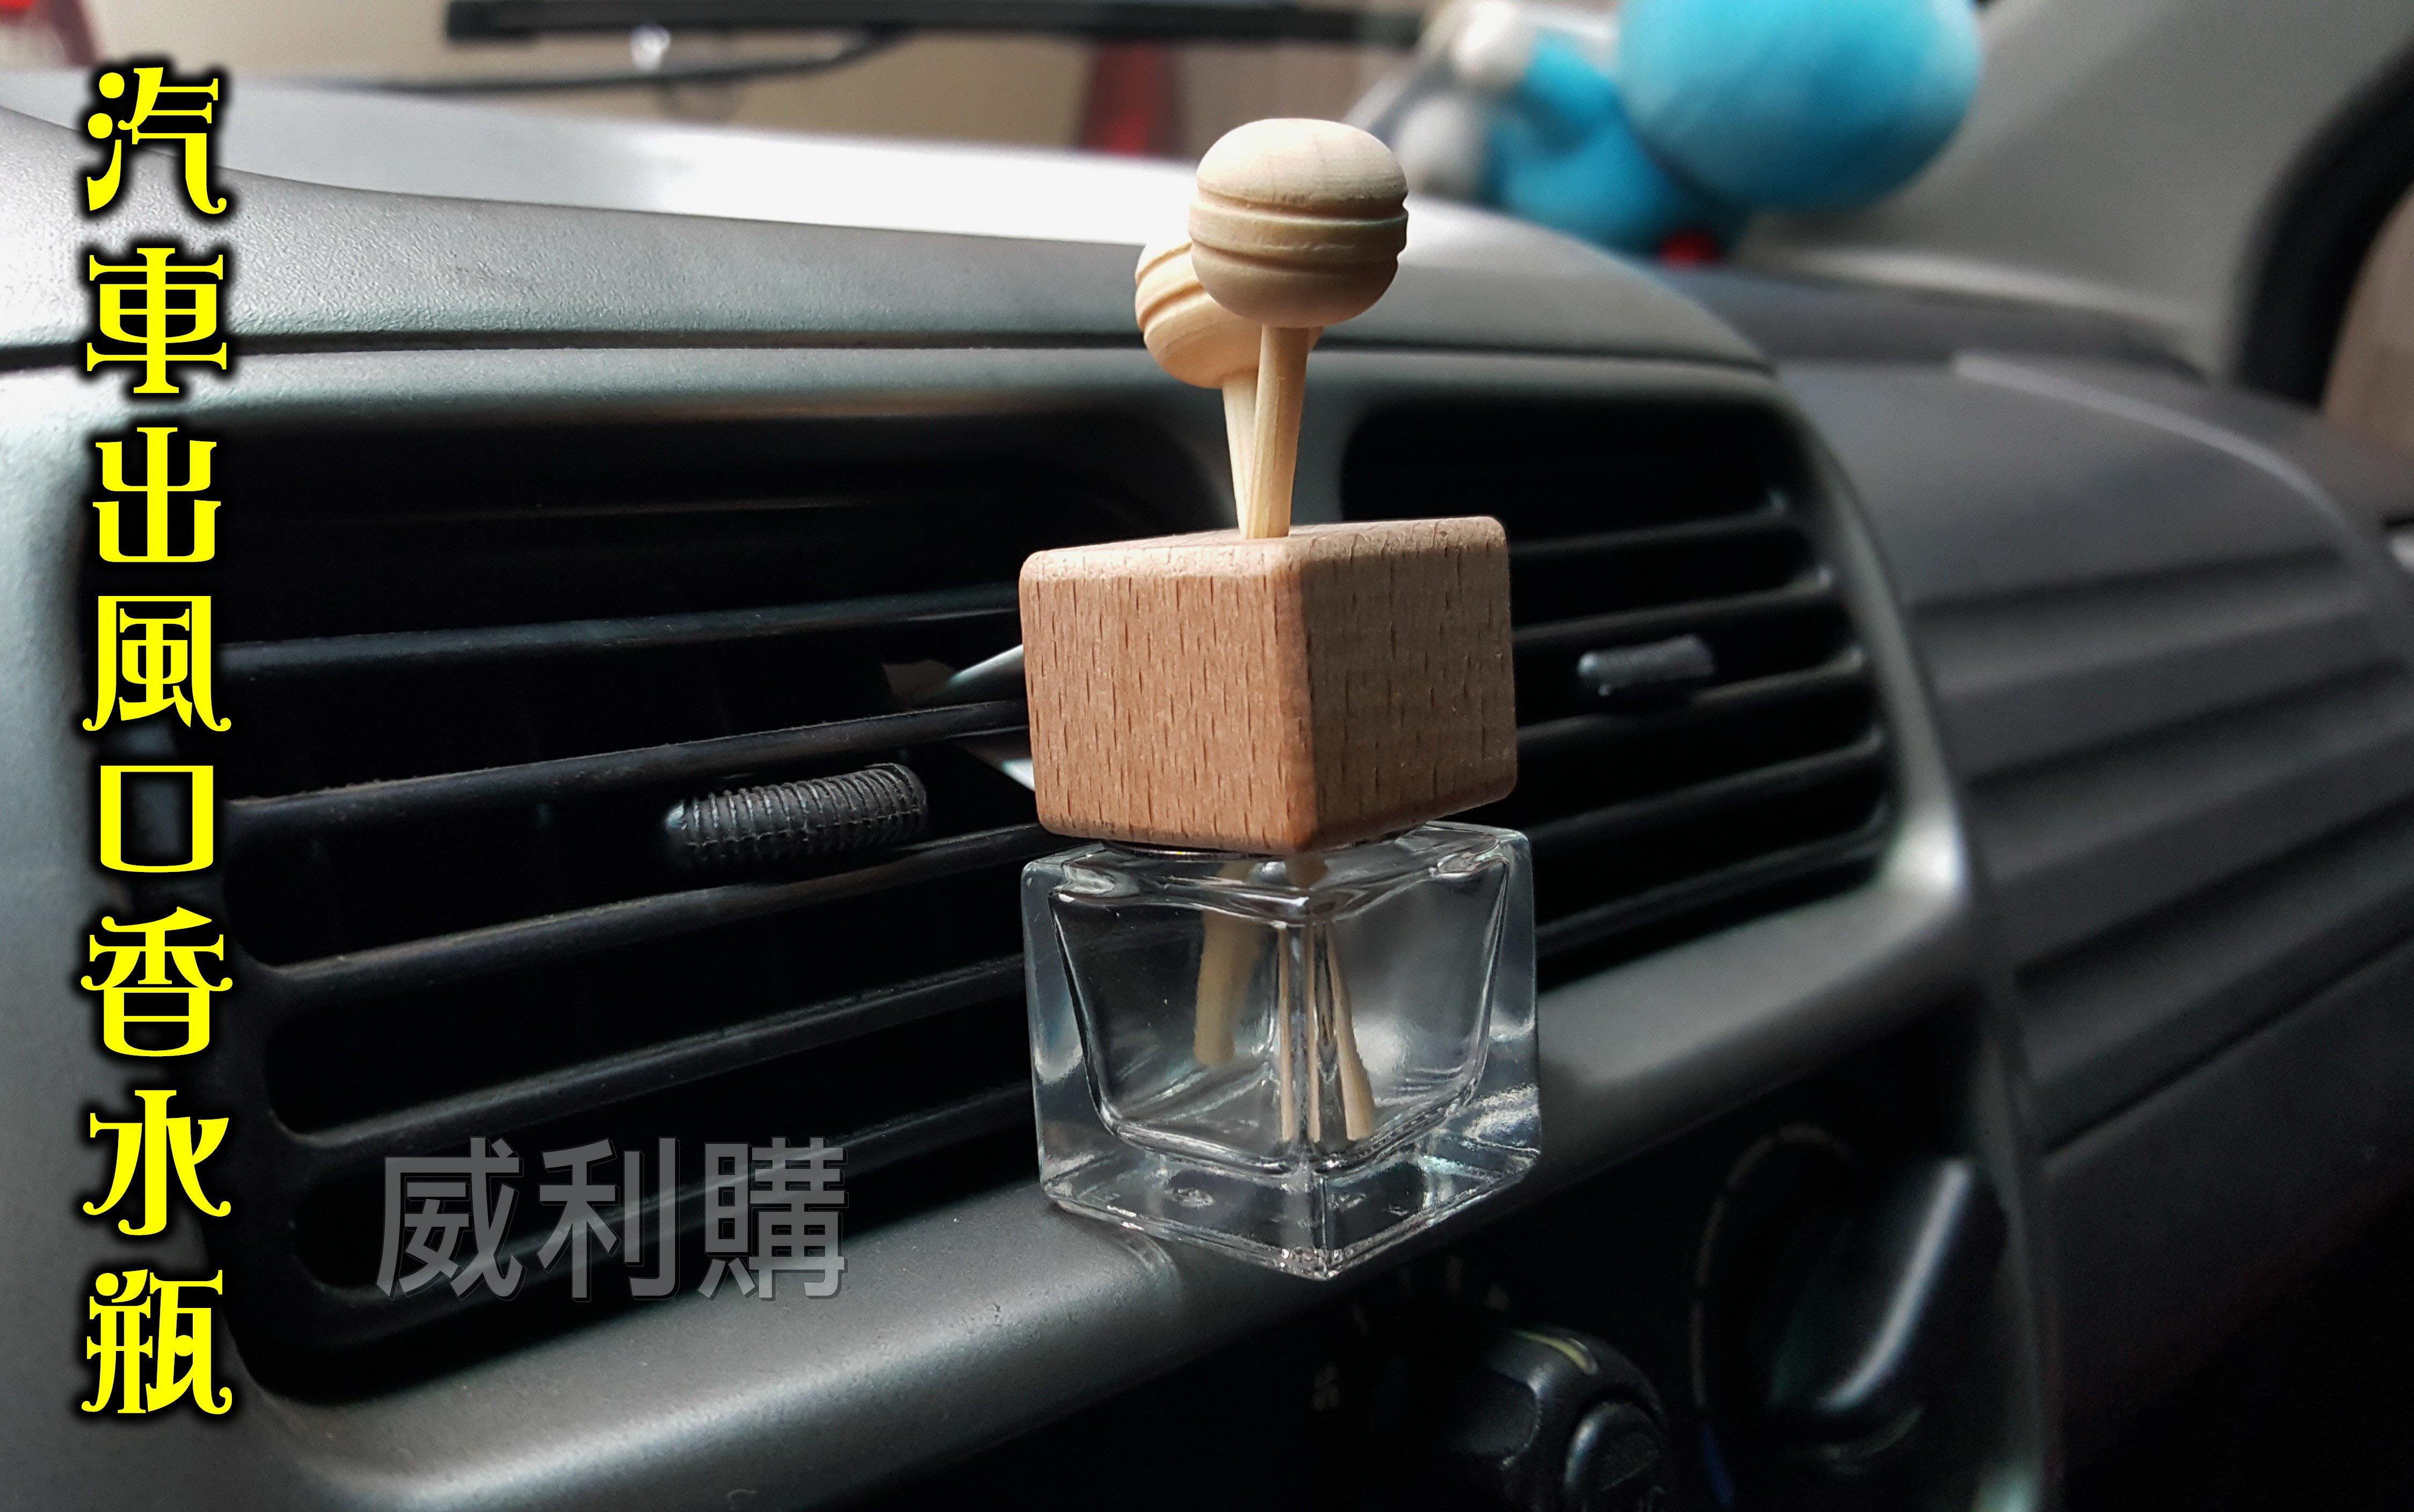 【威利購】汽車香水瓶(夾扣四方瓶)【空瓶35元】出風口香水瓶 插棒薰香瓶 松木瓶蓋  精油瓶 可平放